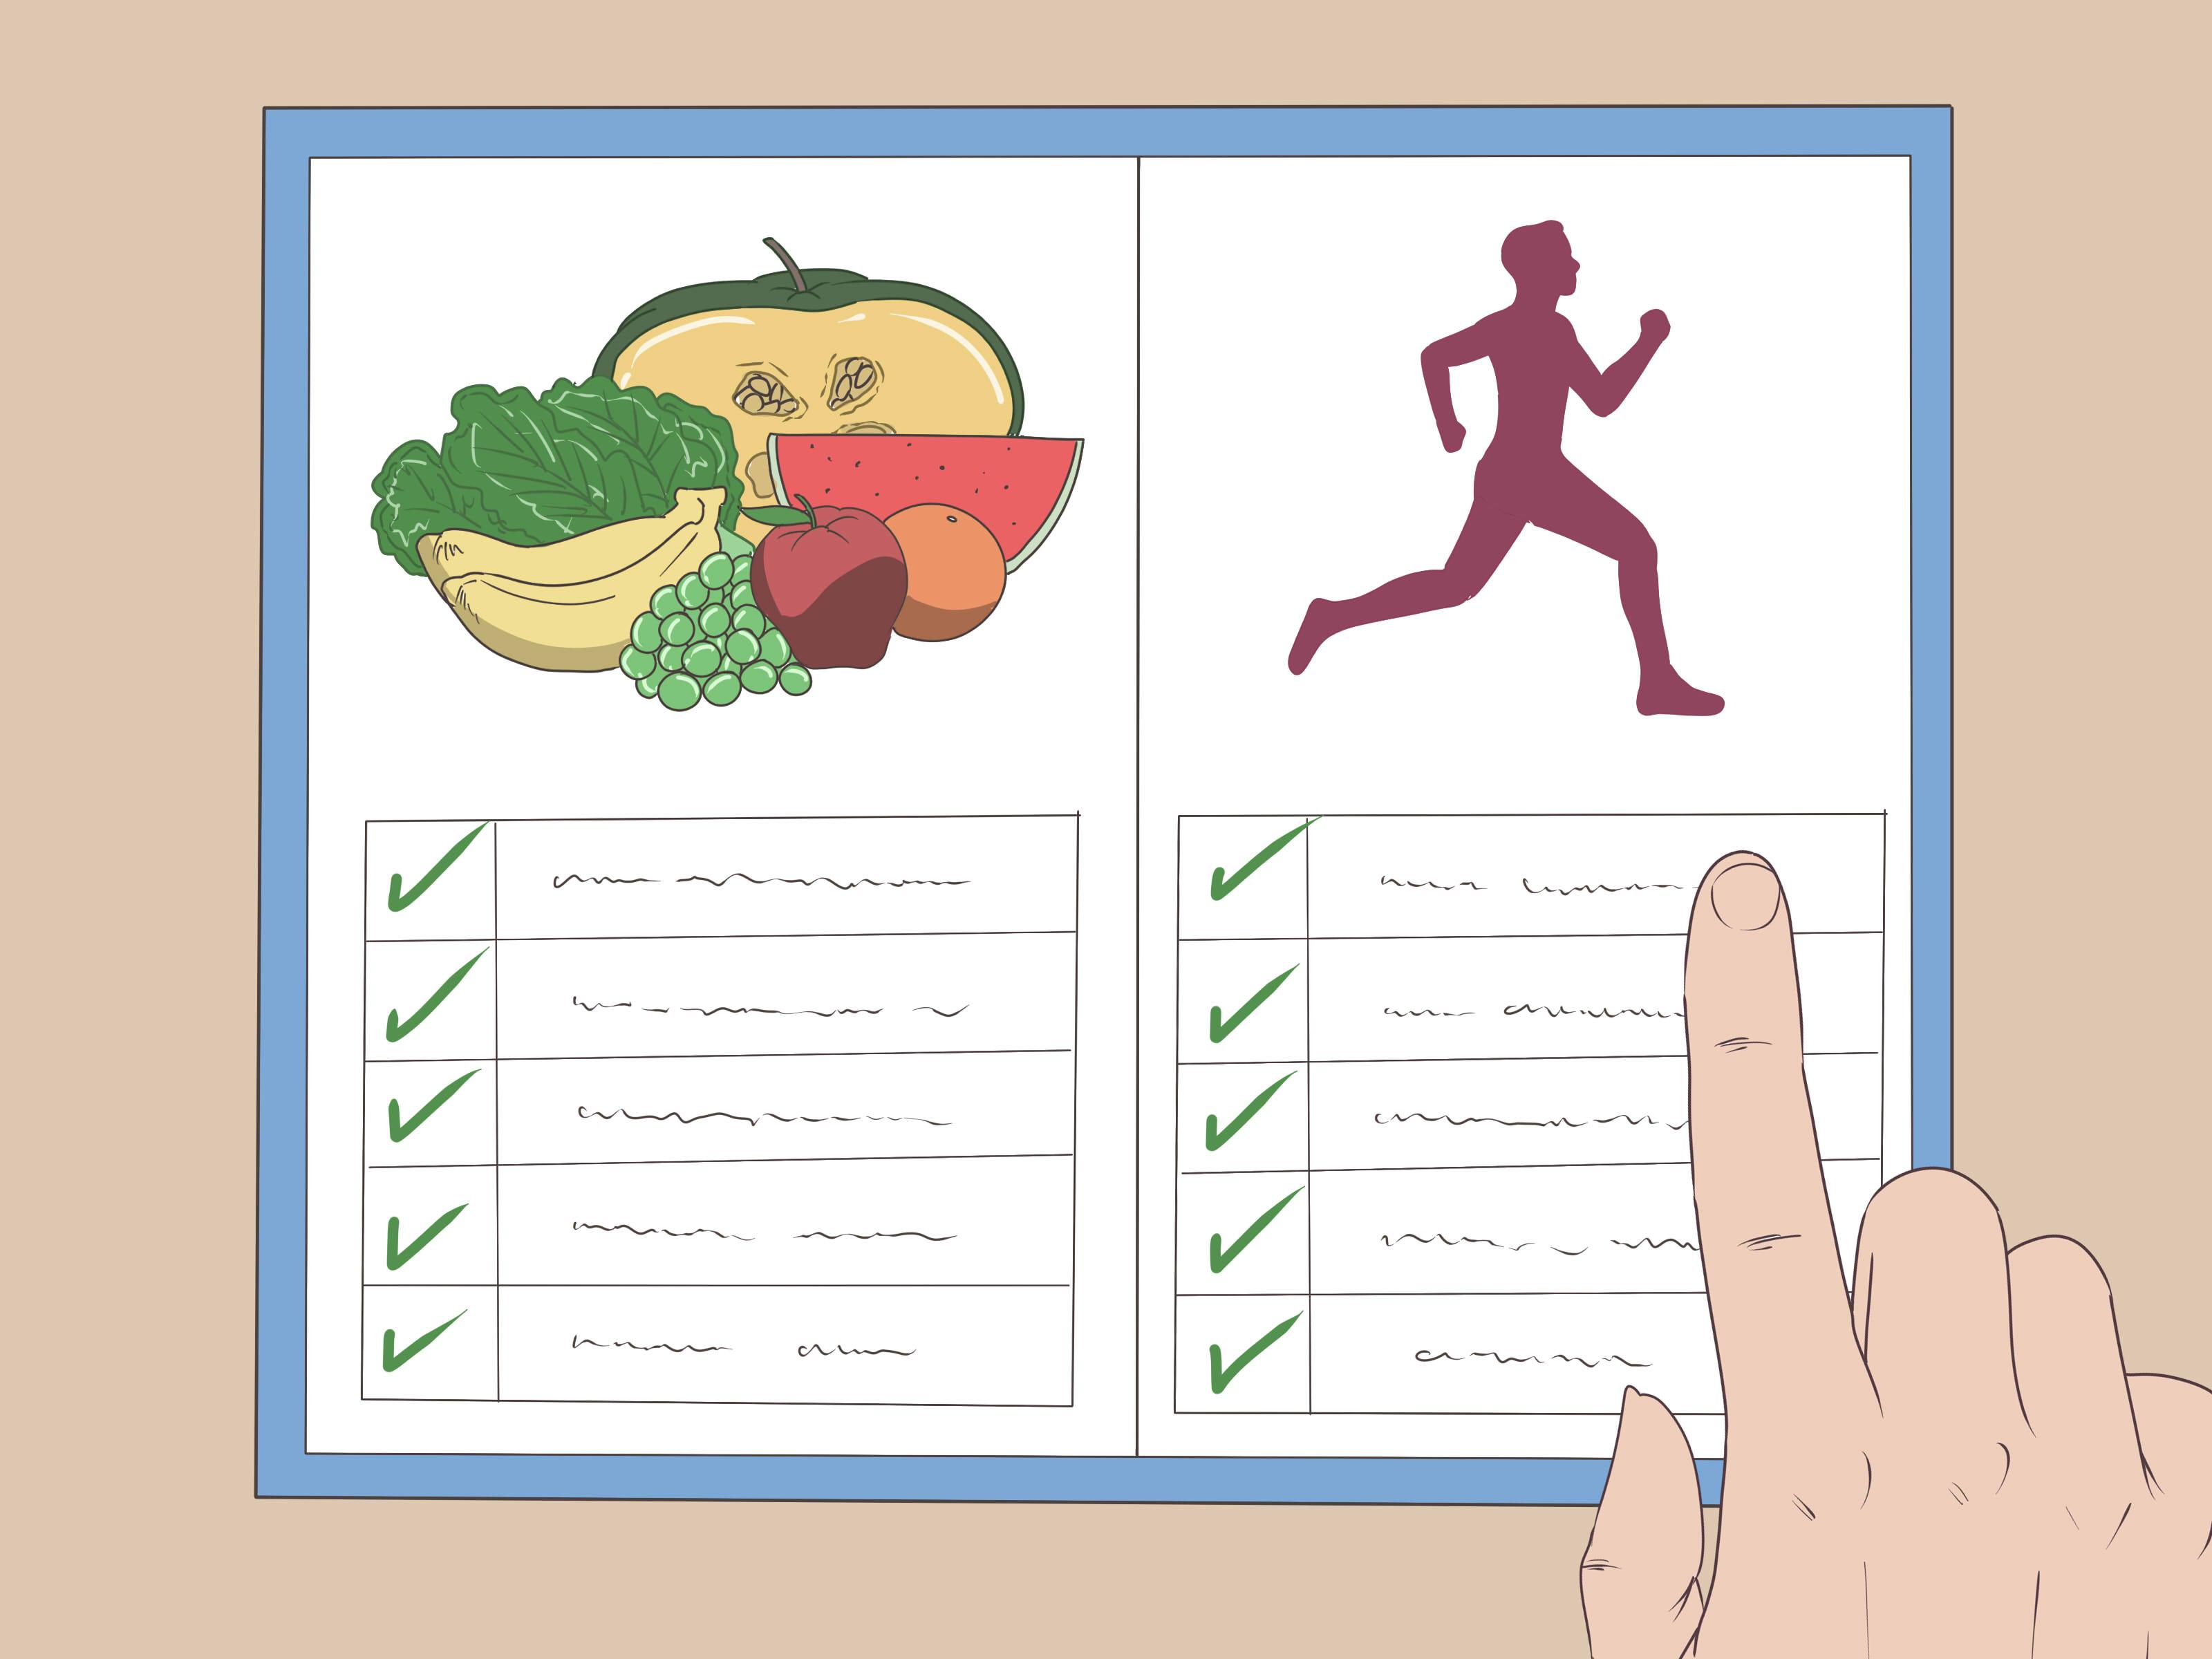 gestion de la perte de poids knoxville tn sommeil nécessaire pour perdre de la graisse